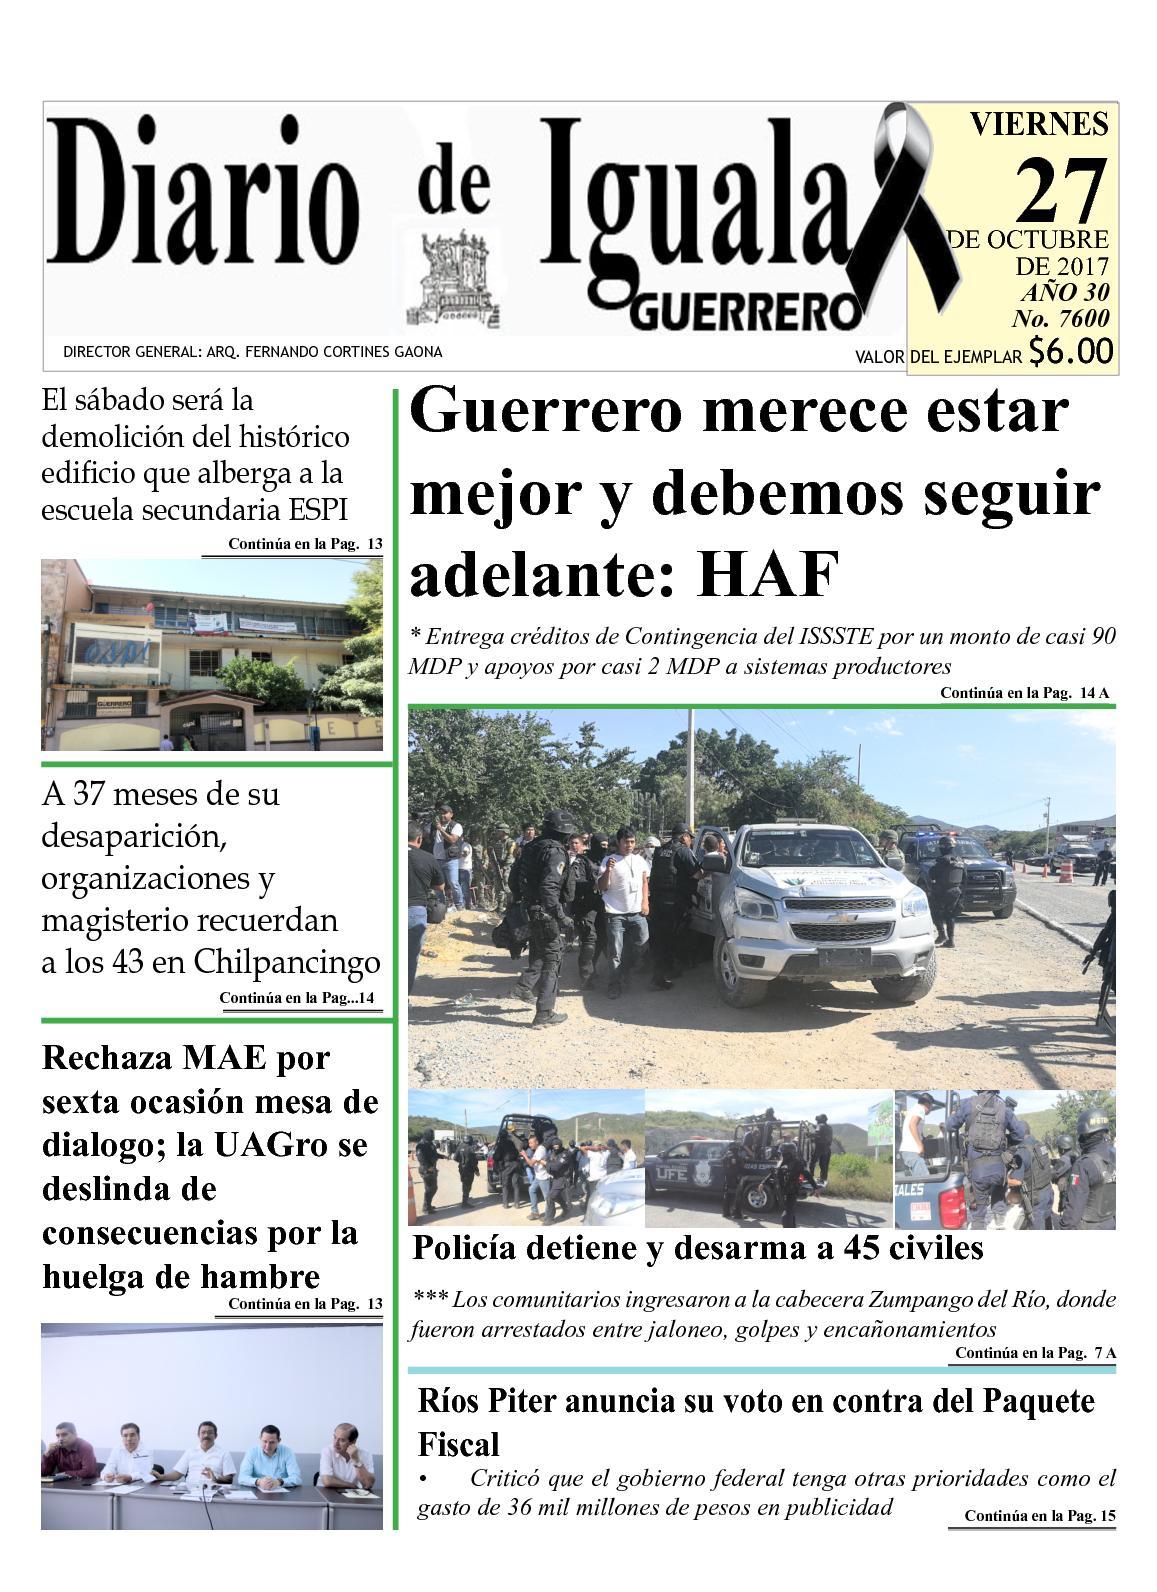 Diario De Iguala Viernes 27 De Octubre De 2017